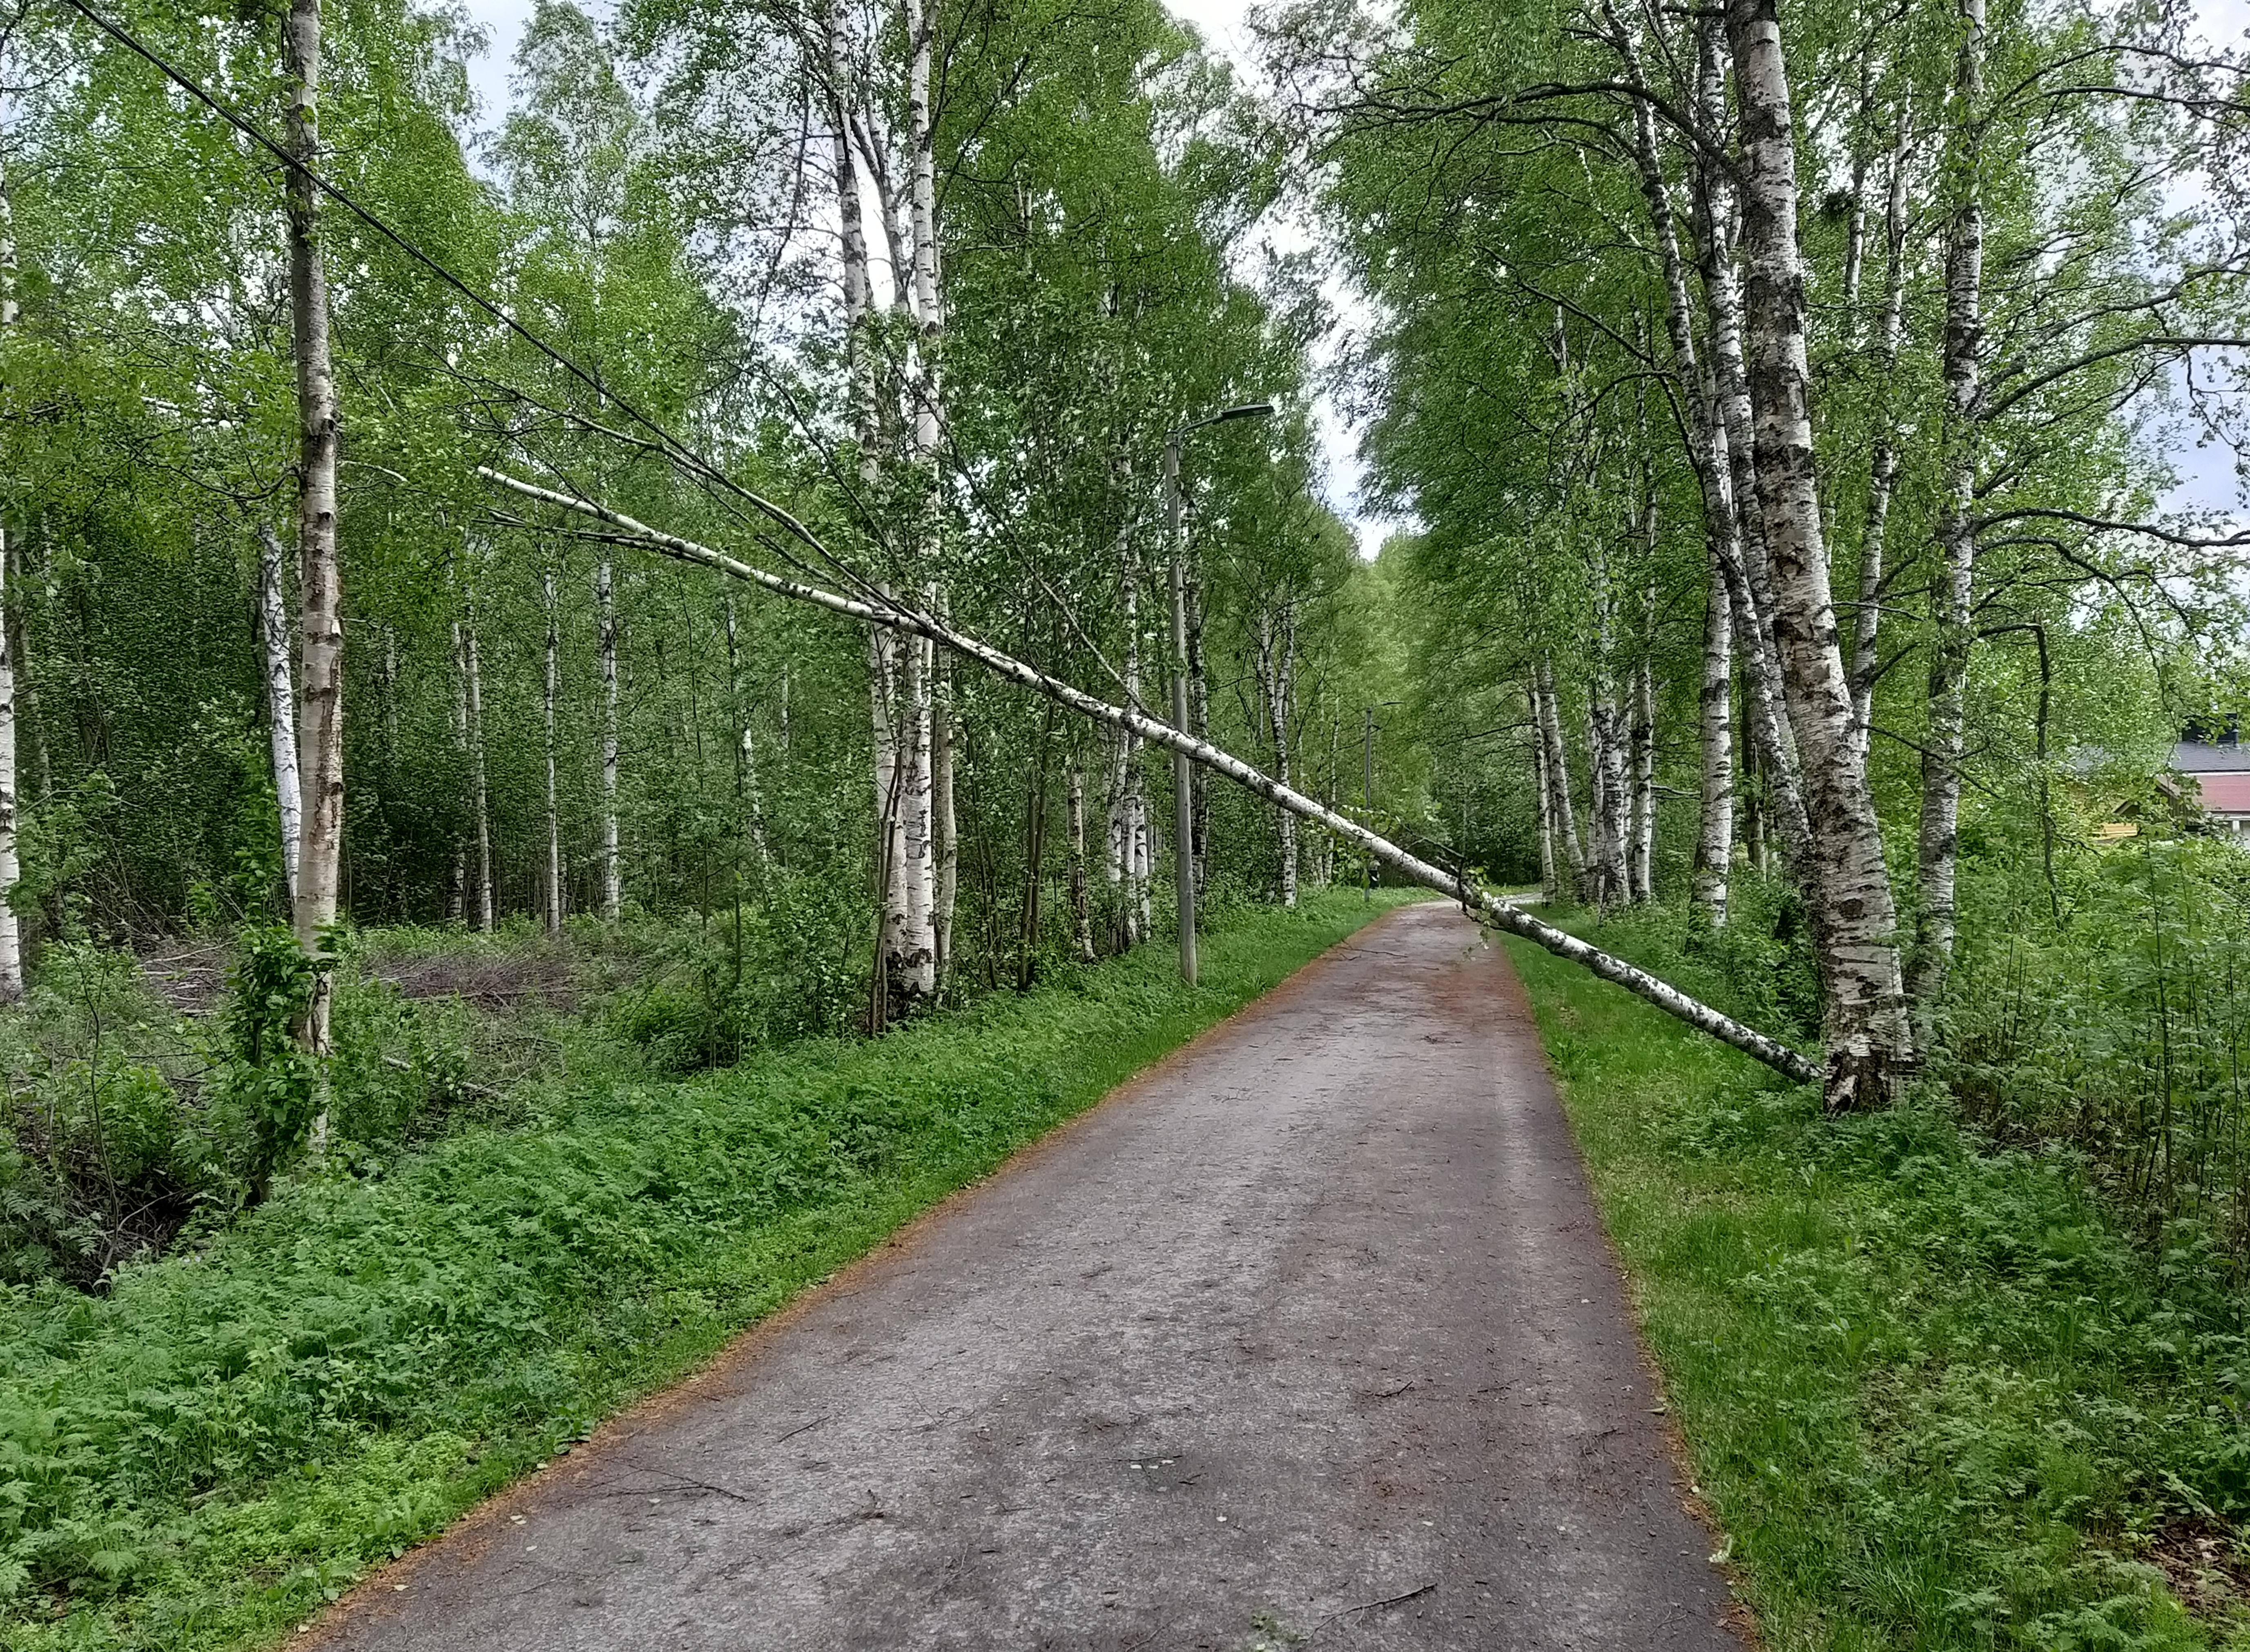 Asvalttitie halkaisee vihreän puistikon. Tien vasemmalla puolella katuvalon ilmajohto, jonka päällä nojallaan koivunrunko, joka on kaatunut tien oikealta puolelta.